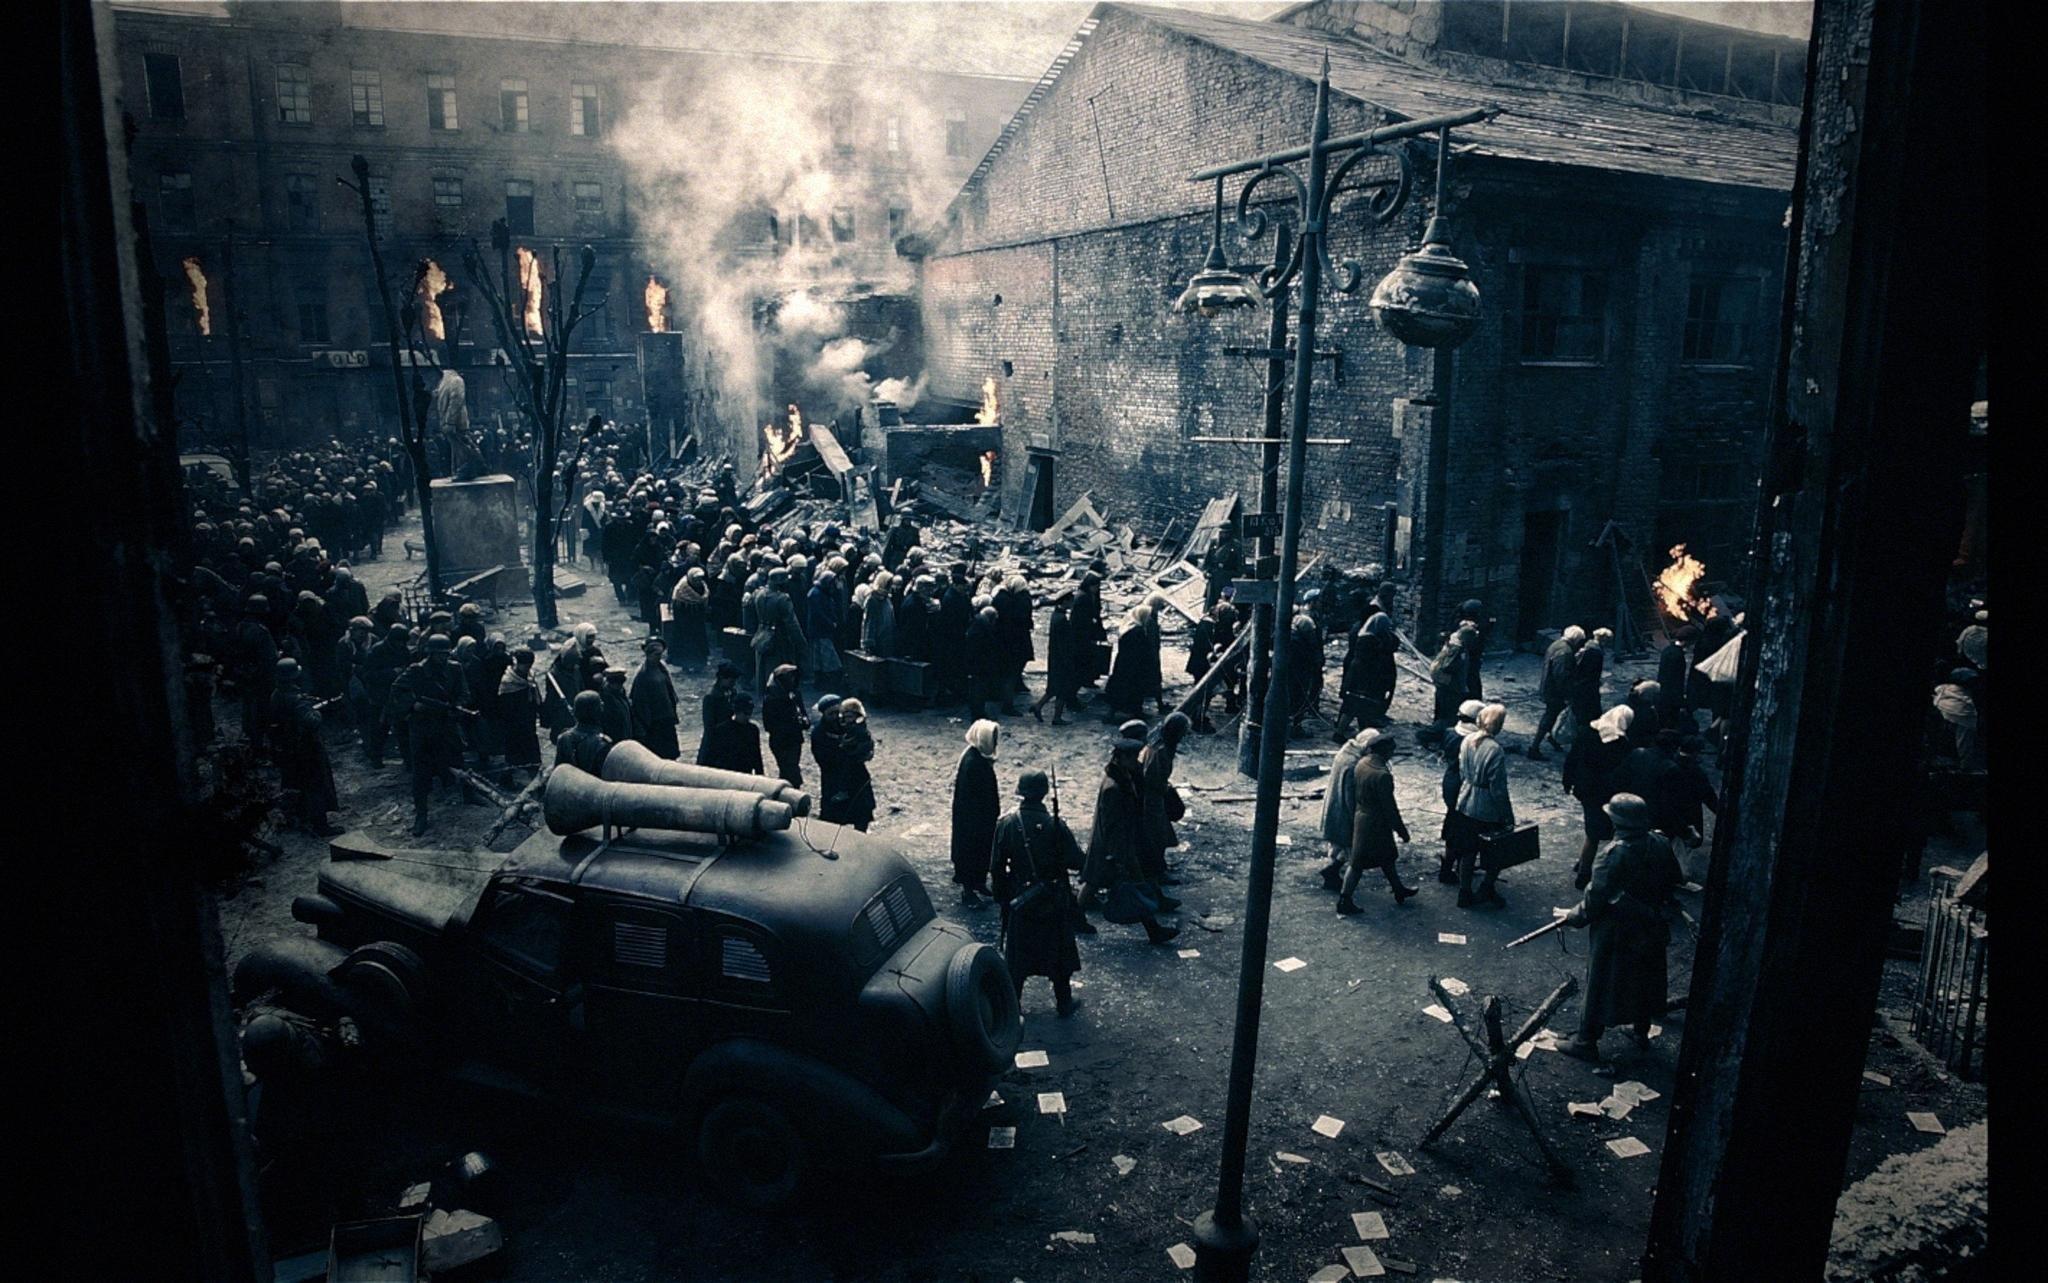 History Battle of Stalingrad Stalingrad Action War History